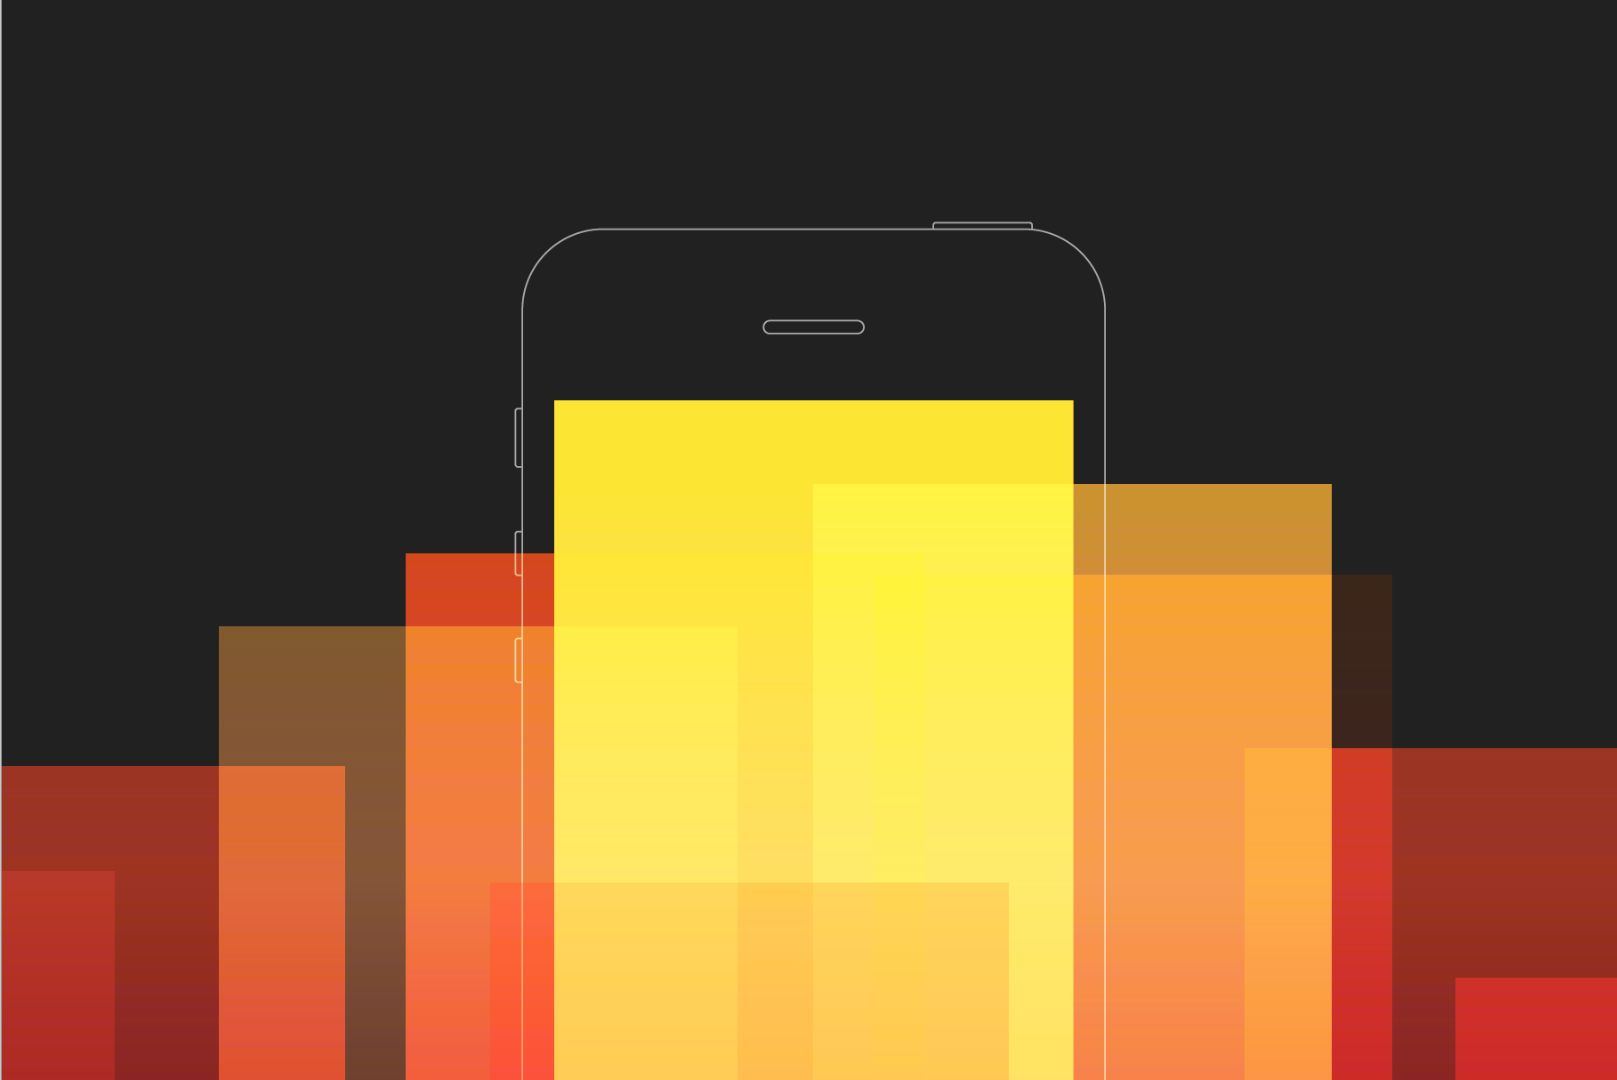 历代 iPhone 适配设计终极指南